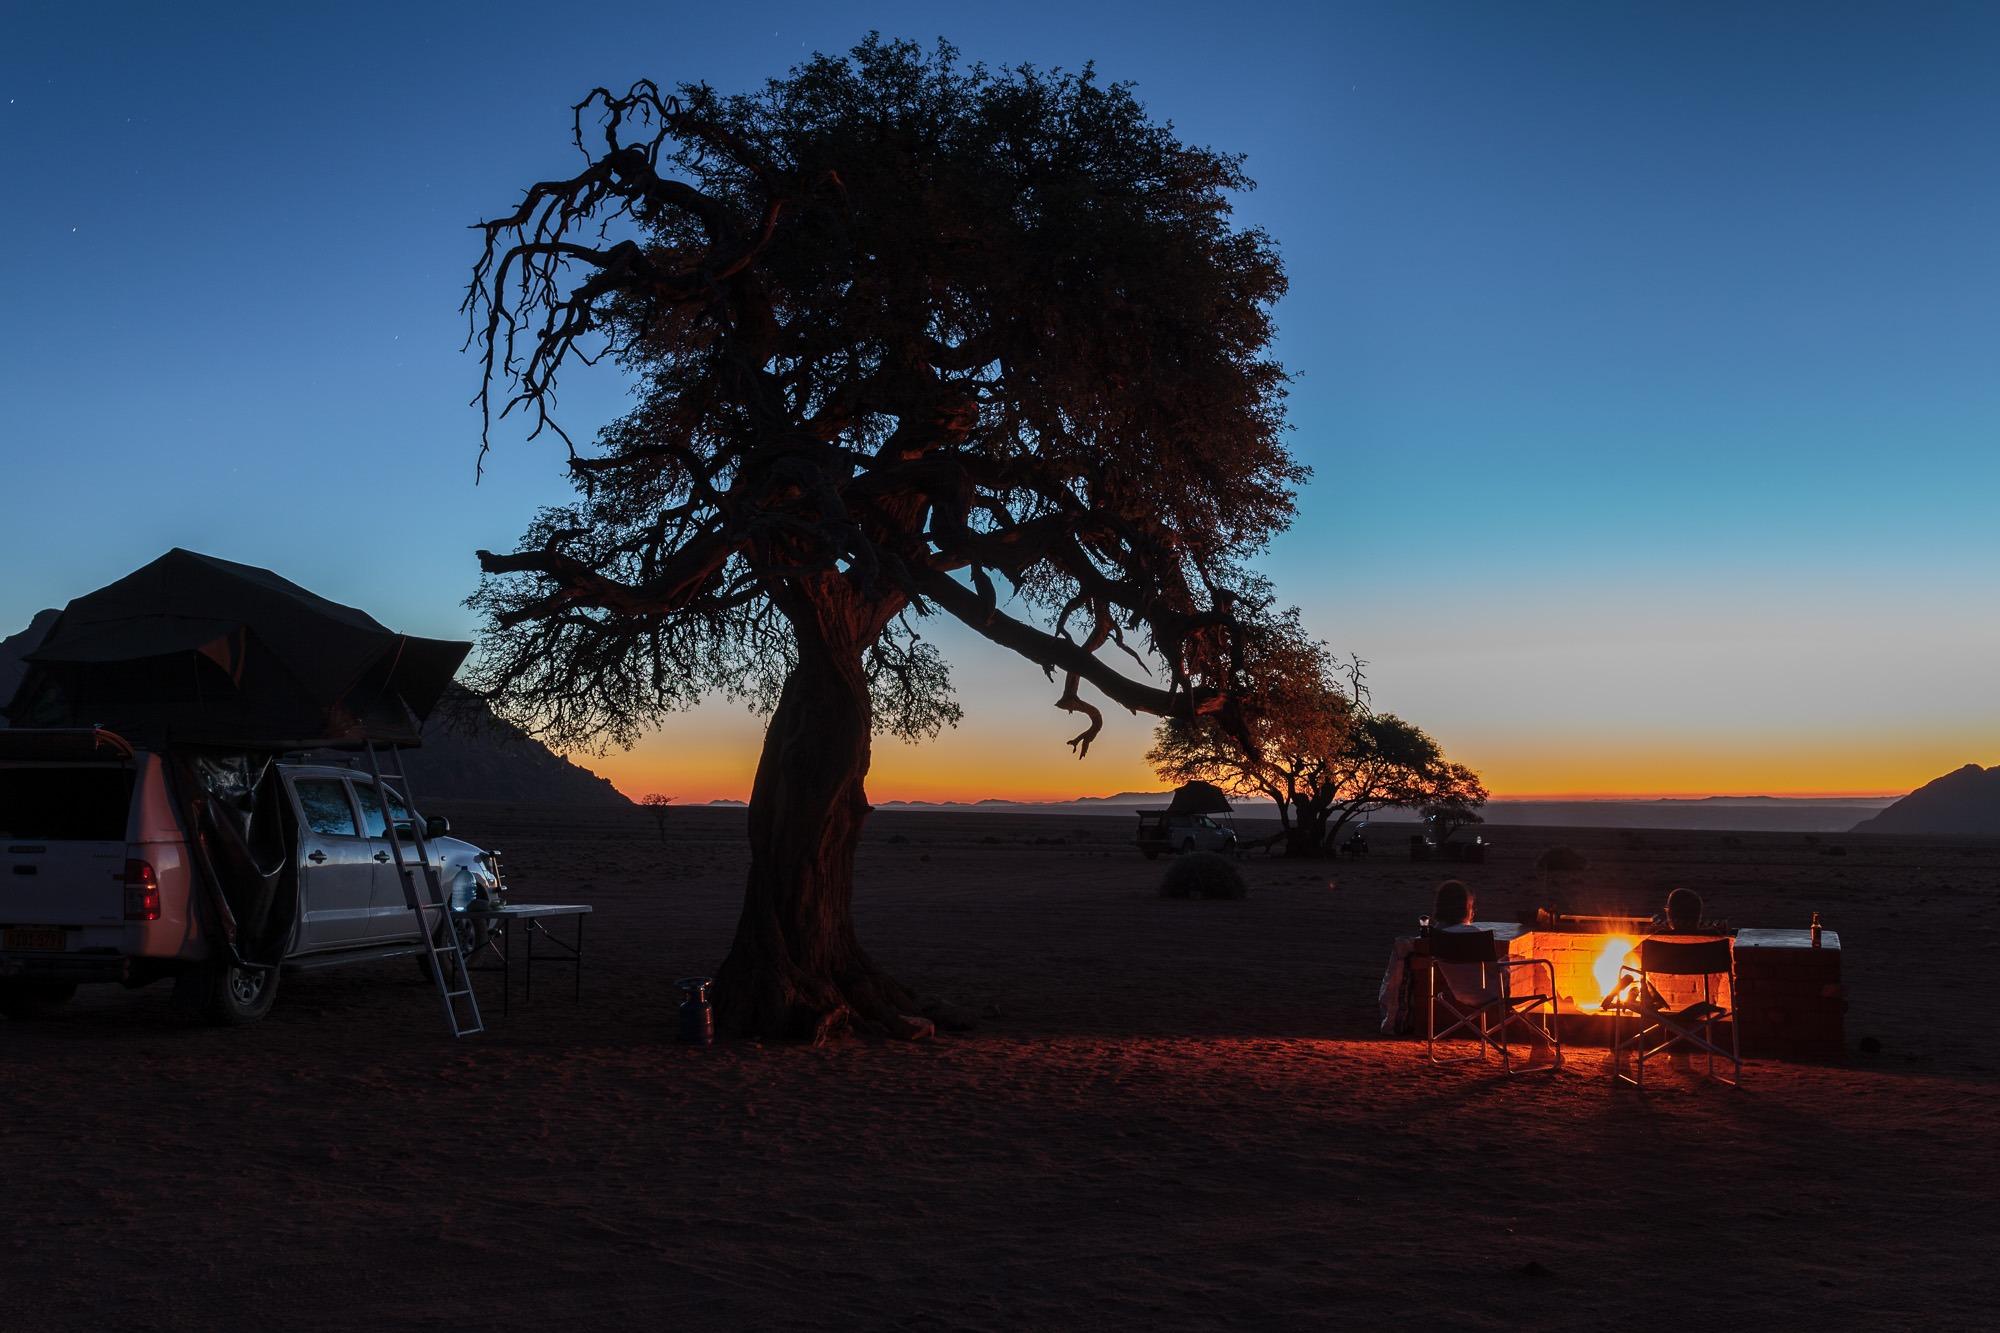 Sonnenuntergang und Lagerfeuer in der Namtib Biosphere Reserve, Namibia